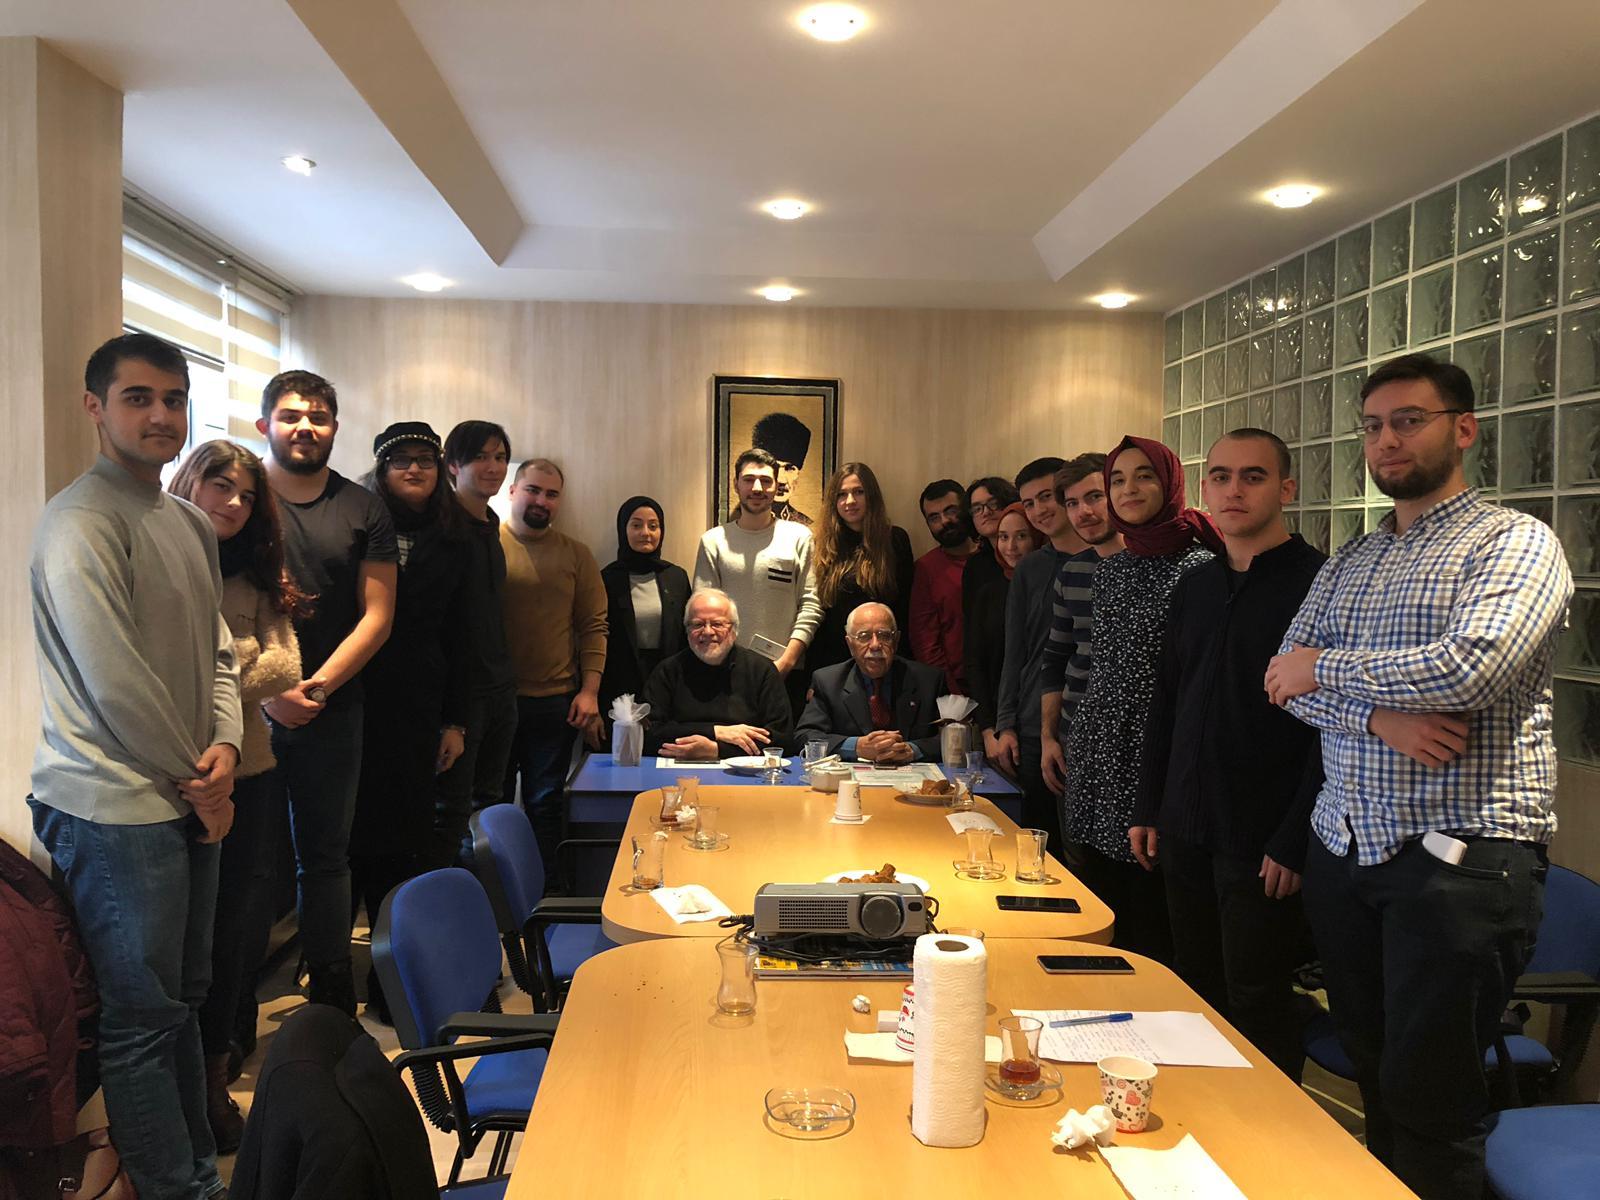 Boğaziçi Üniversitesi Türk Araştırmaları Topluluğu, Türk Kahvesi Sohbetleri kapsamında fikir alışverişi- MİSAK